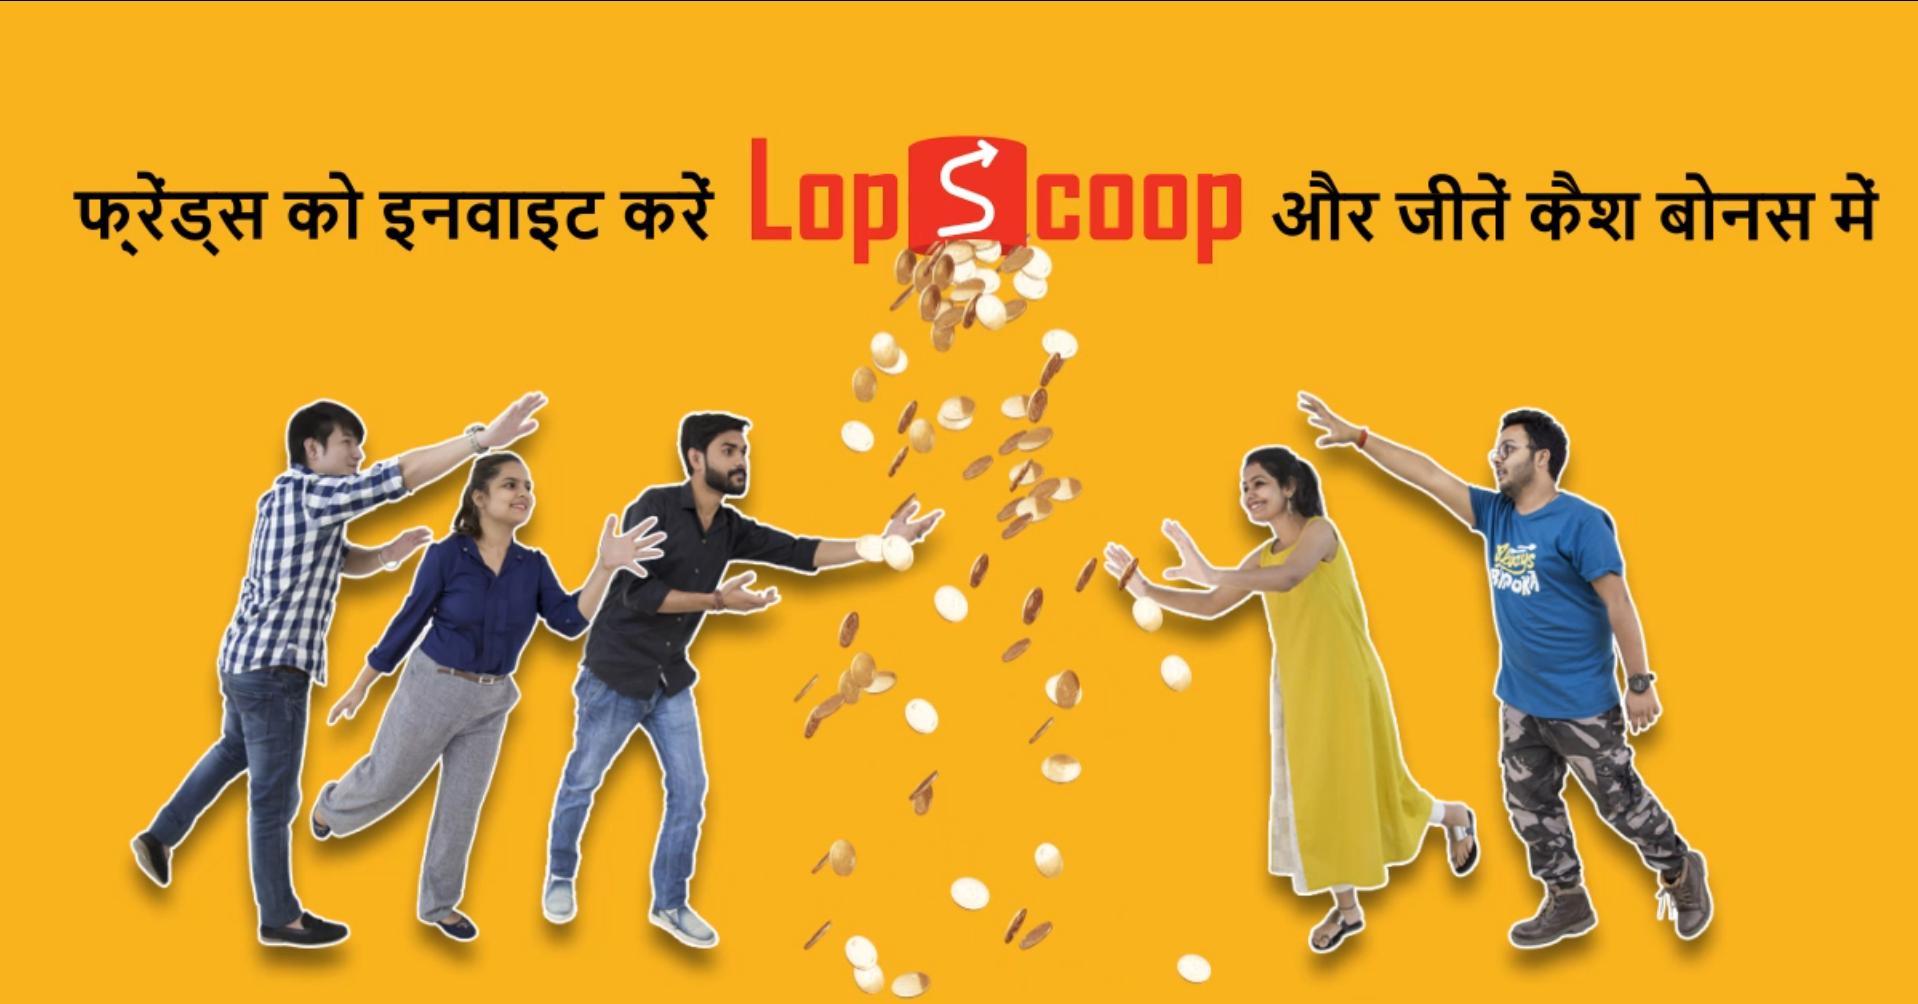 Lopscoop, best news app Indian, earn extra money! | Lopscoop